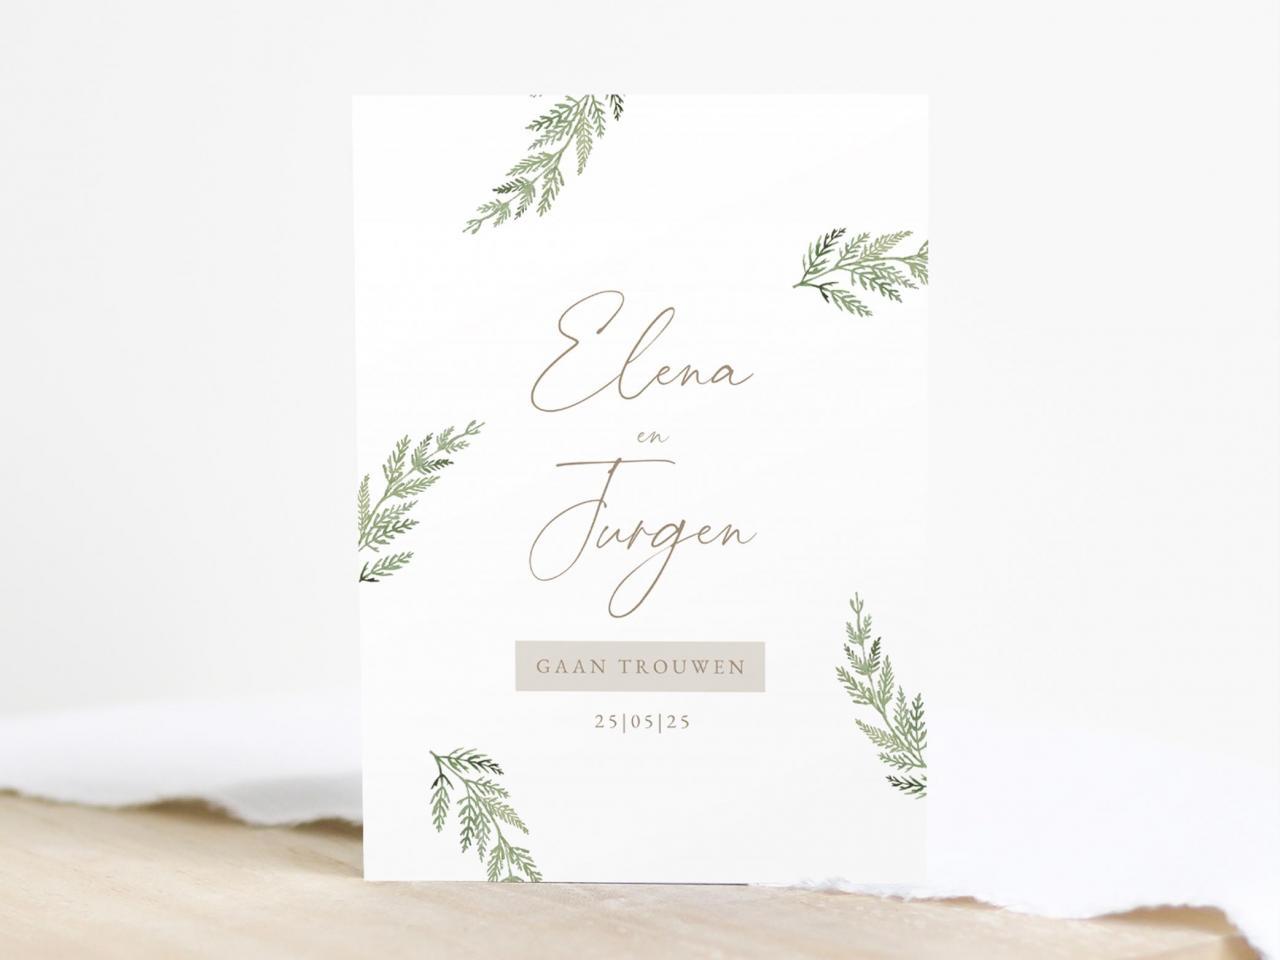 Trouwkaart met groene takjes en typografie trouwkaart Romantisch Aquarel en Watercolor Botanisch Typografisch